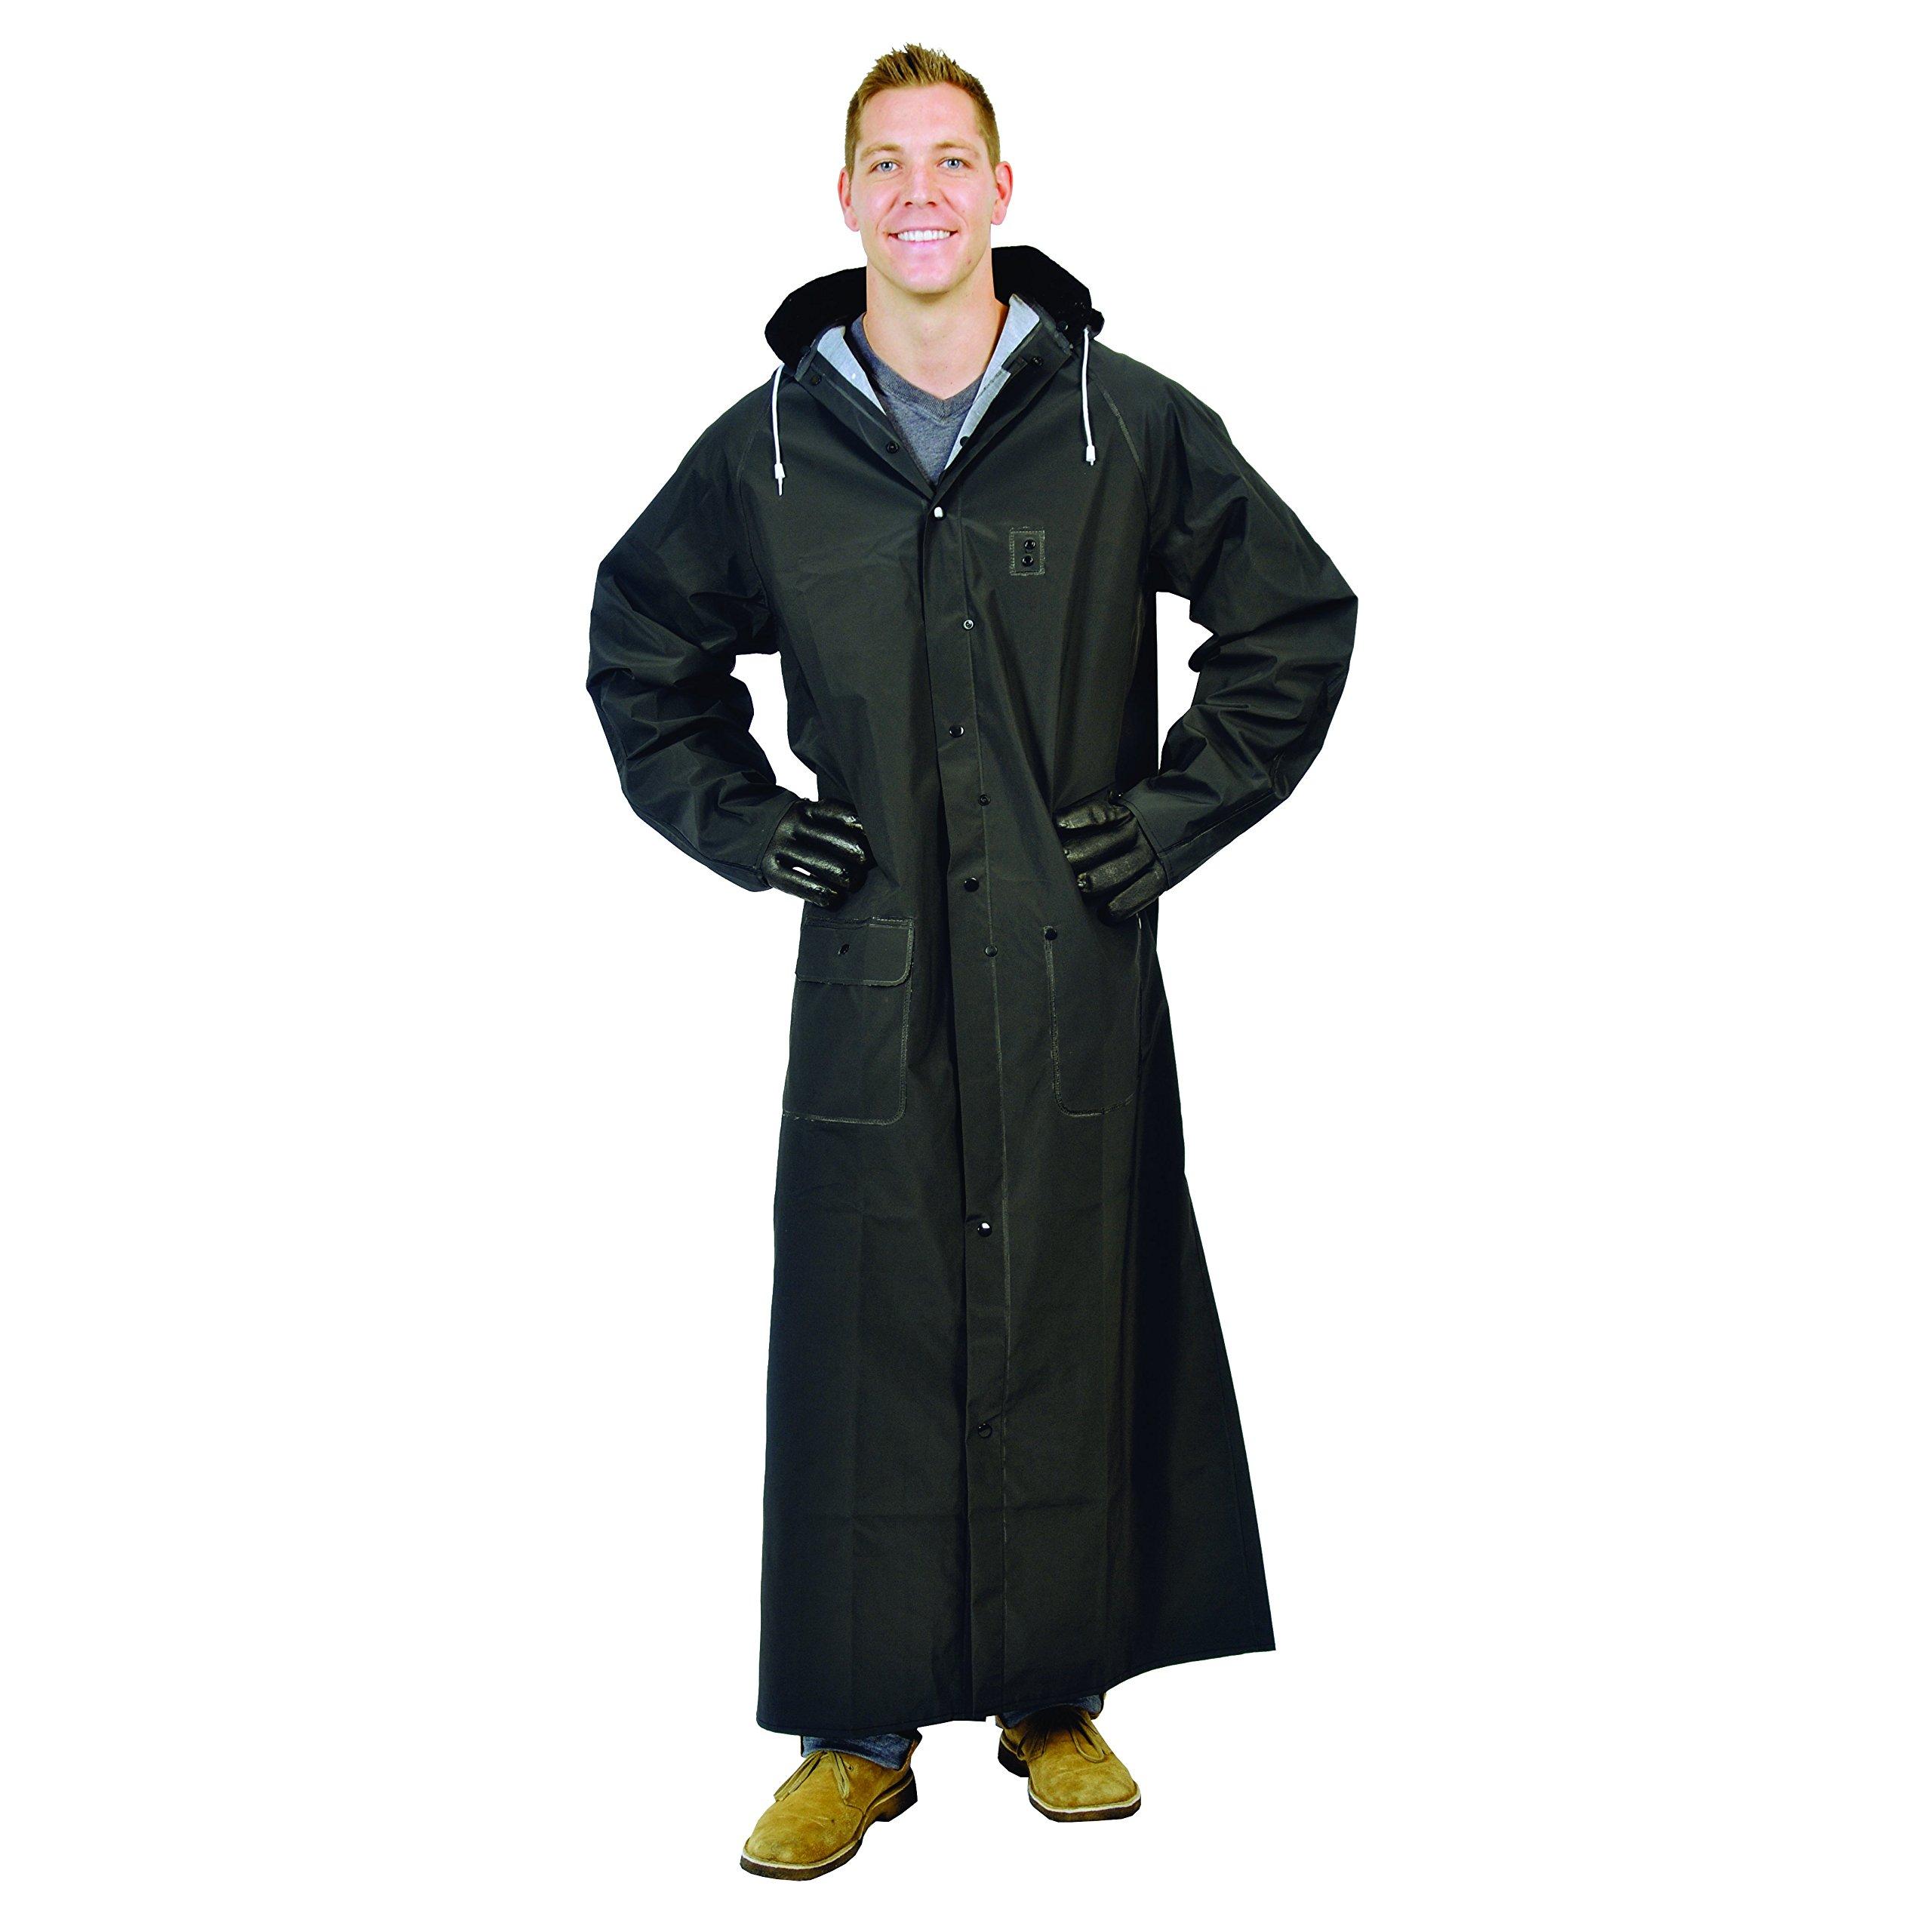 Galeton 12560-XXXL-BK  12560 Repel Rainwear 0.35 mm PVC 60'' Raincoat for More Coverage, 3XL, Black